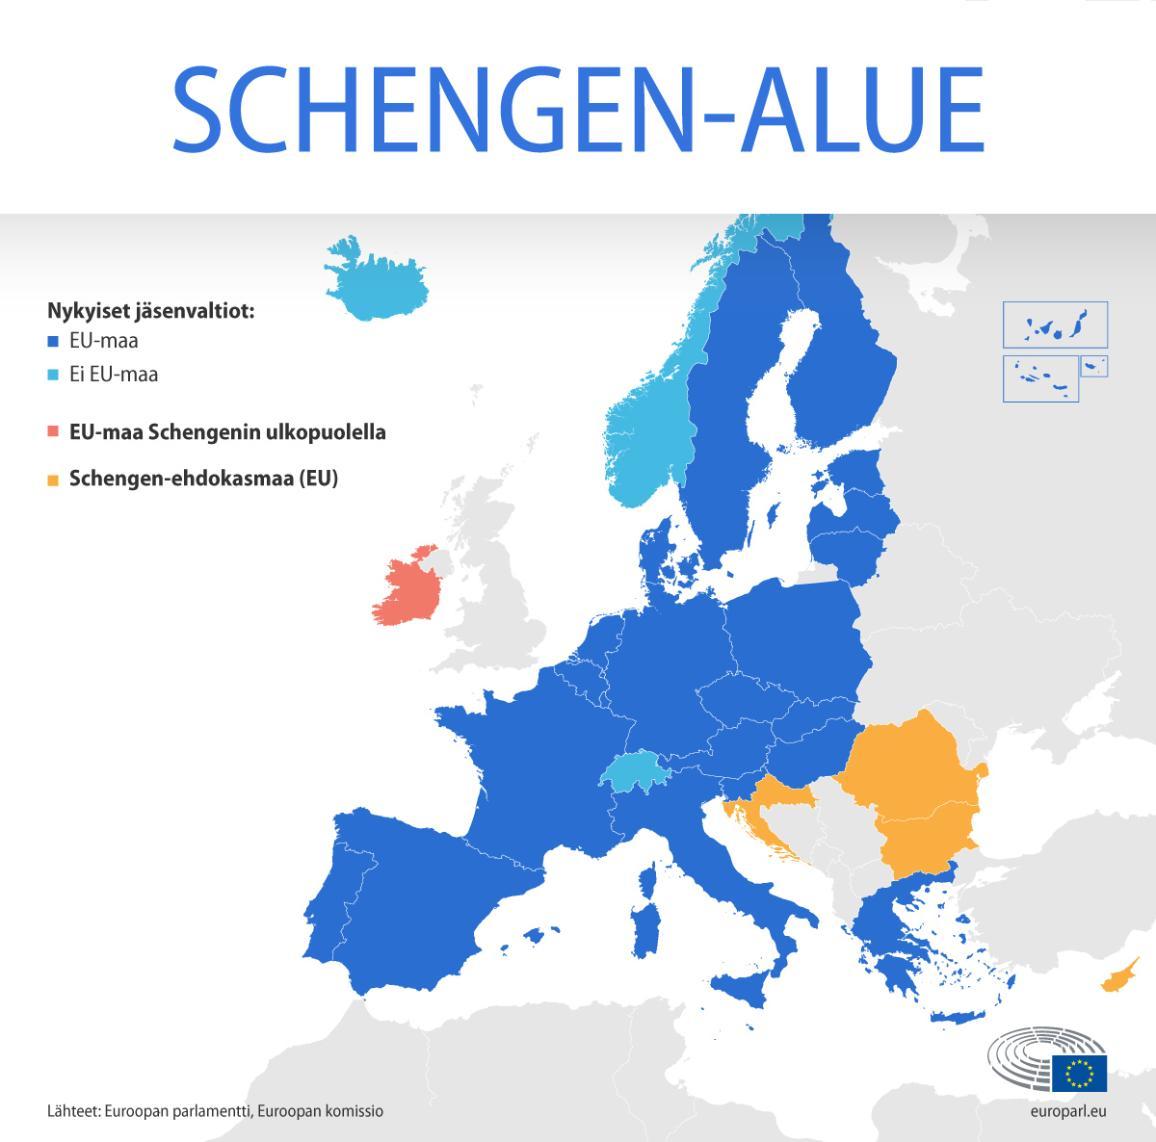 Schengen-alueen kartta, josta näkyvät EU:hun kuuluvat ja EU:n ulkopuoliset Schengen-maat, EU:hun kuuluvat ei-Schengen-maat sekä Schengen-ehdokasmaat, jotka kuuluvat EU:hun